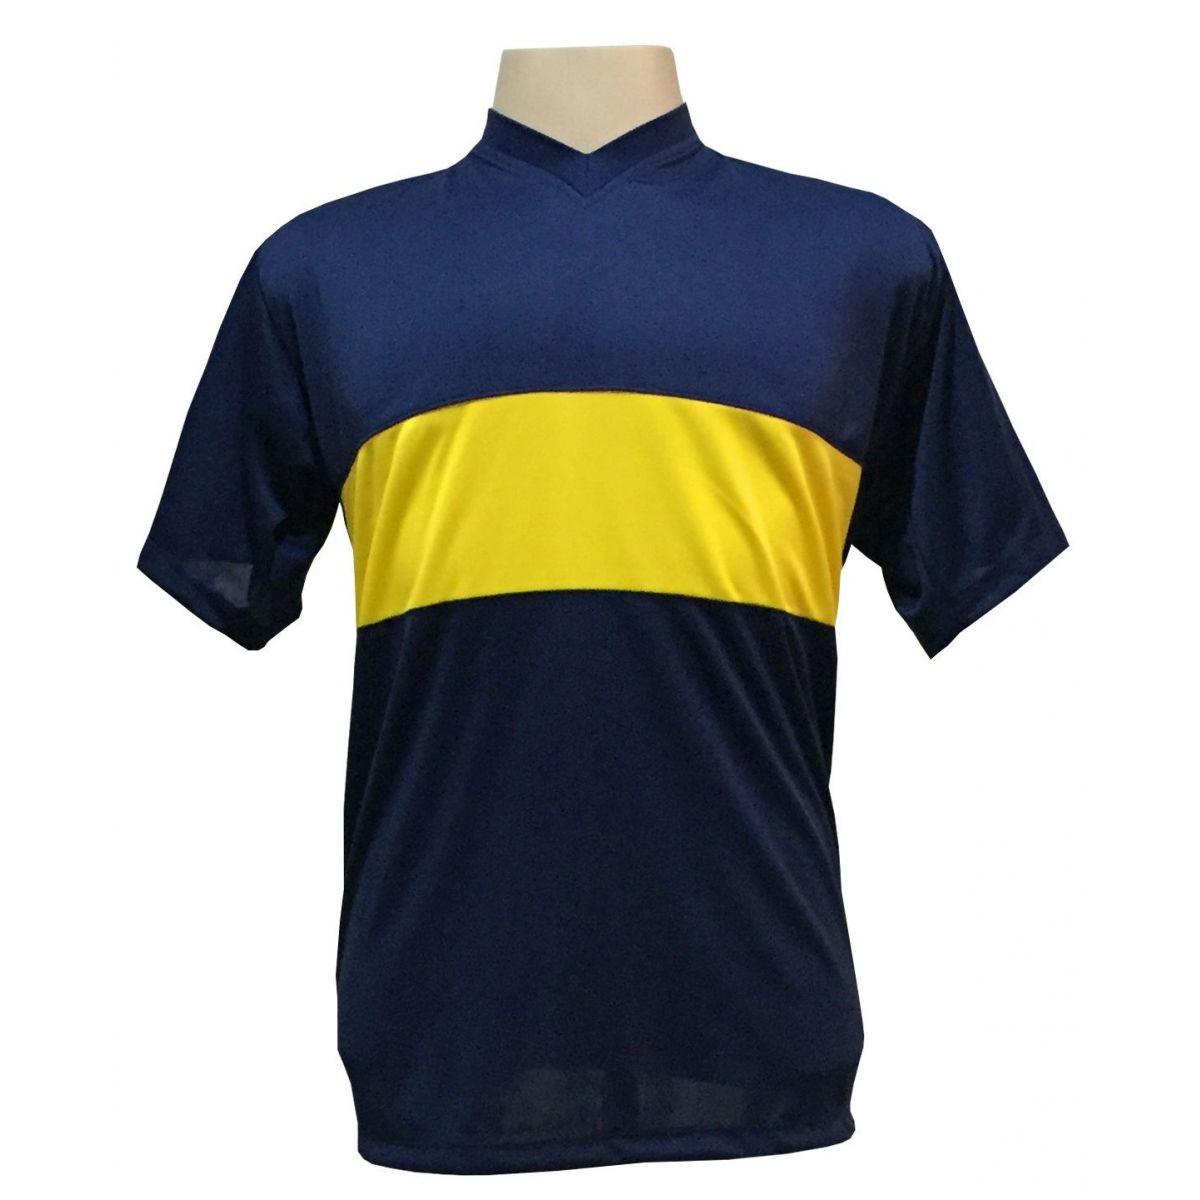 Jogo de Camisa com 14 unidades modelo Boca Juniors Marinho/Amarelo